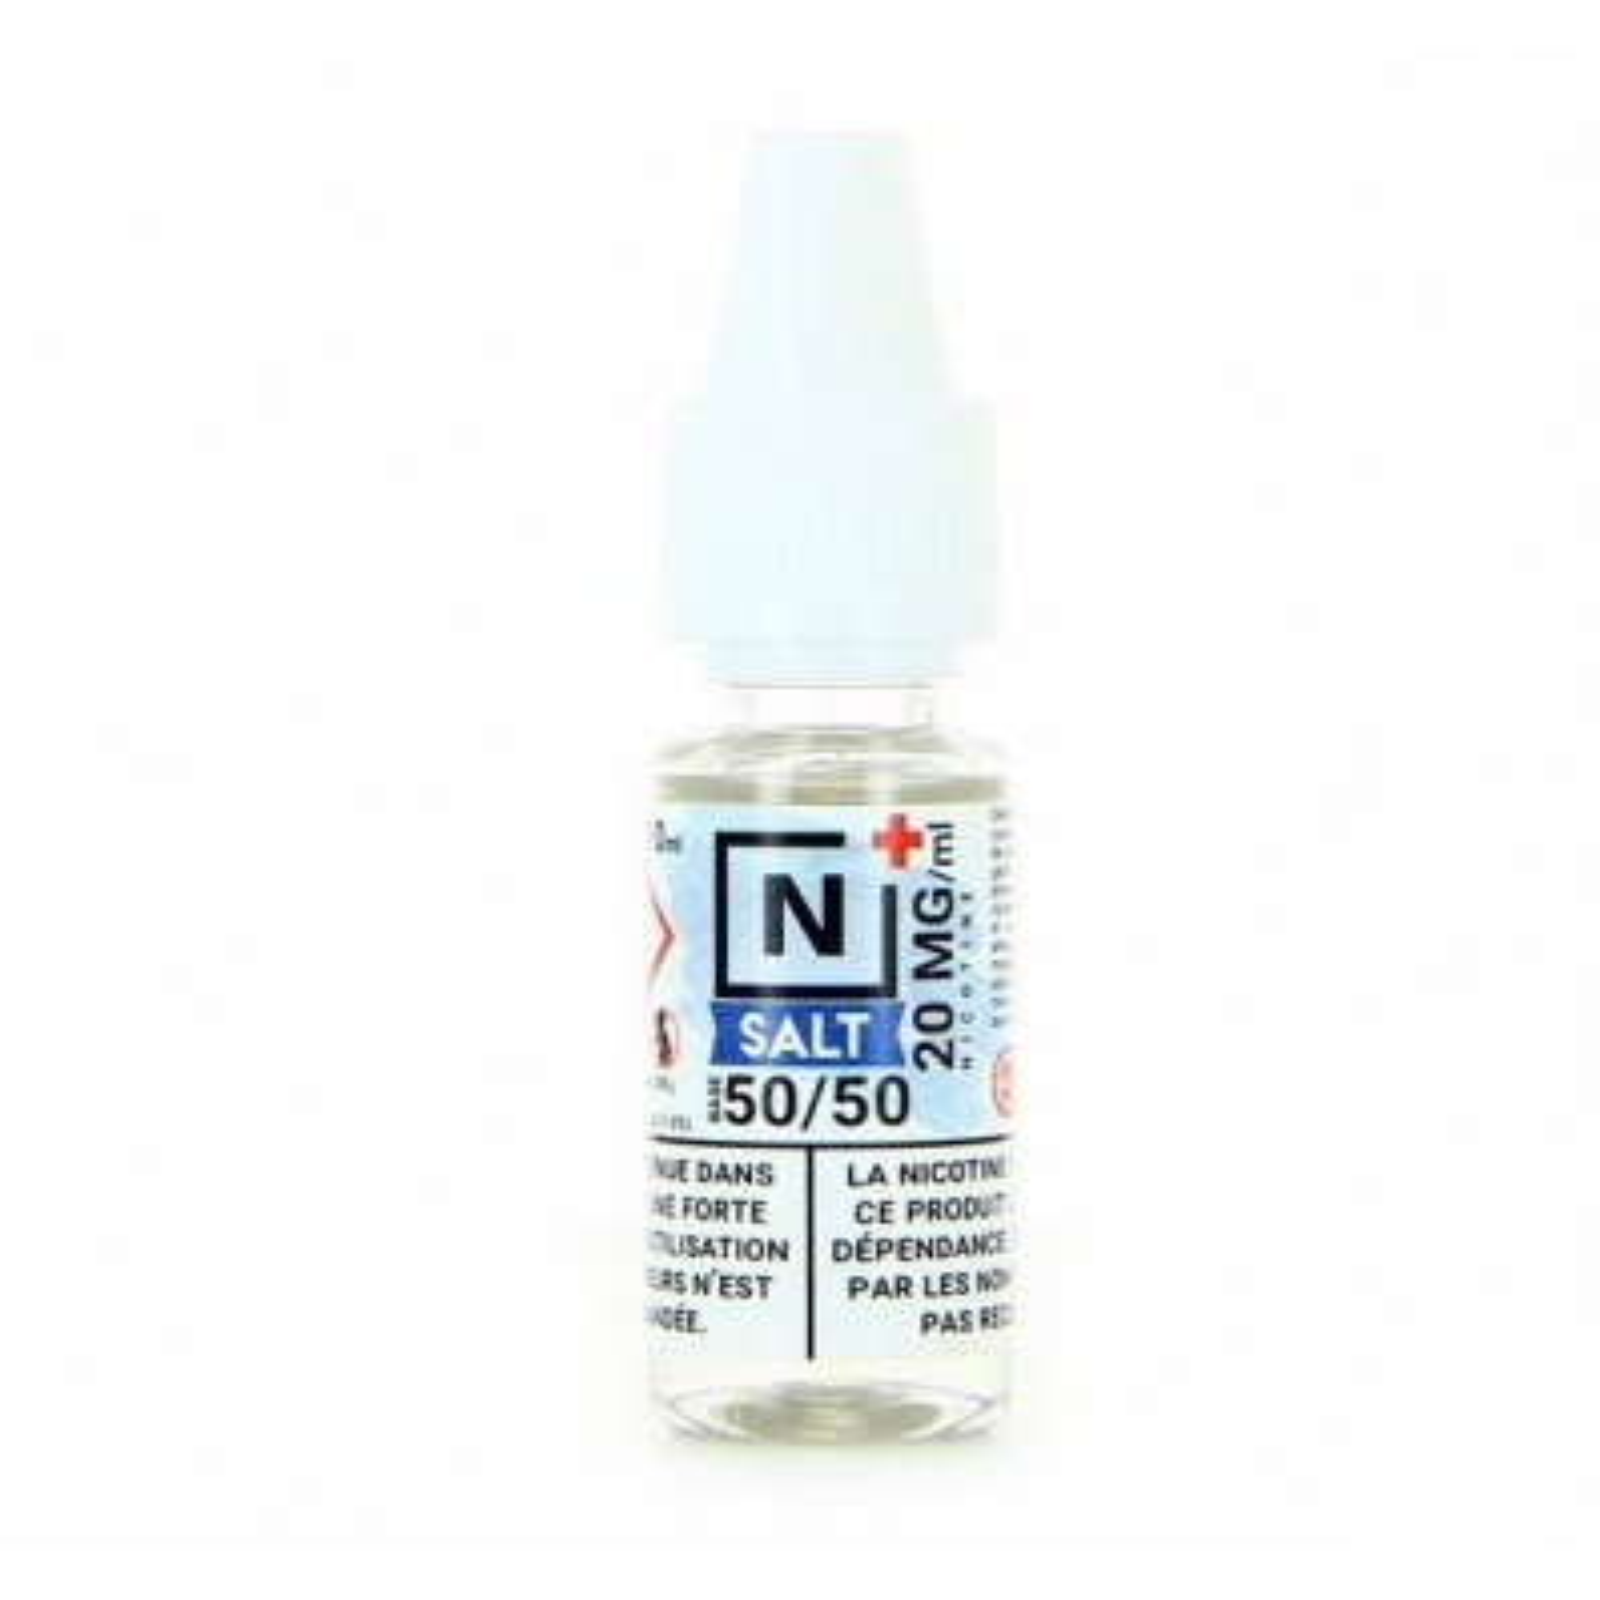 Booster Sels nicotine - N+